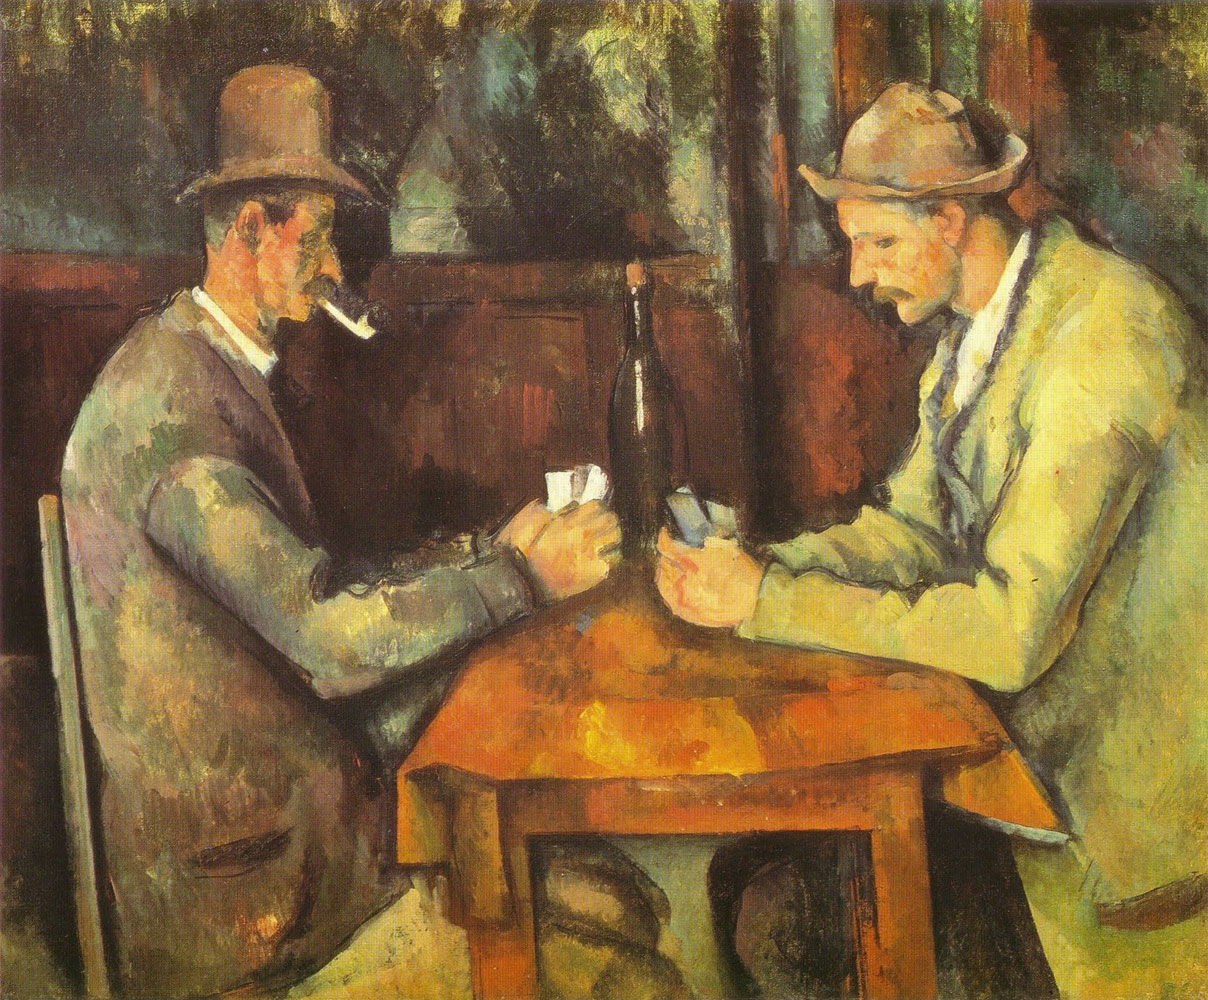 I giocatori di carte (Cezanne - 1890-1895)